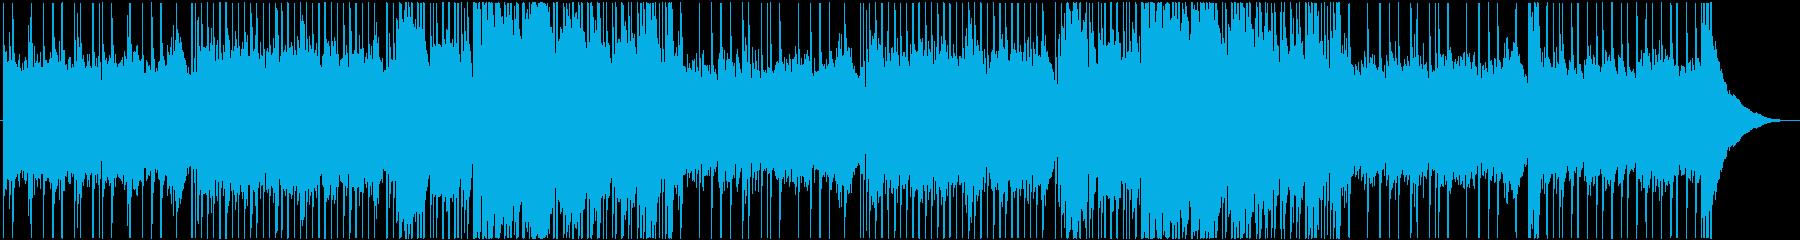 ロック系 爽やかな四つ打ちエレキロックの再生済みの波形